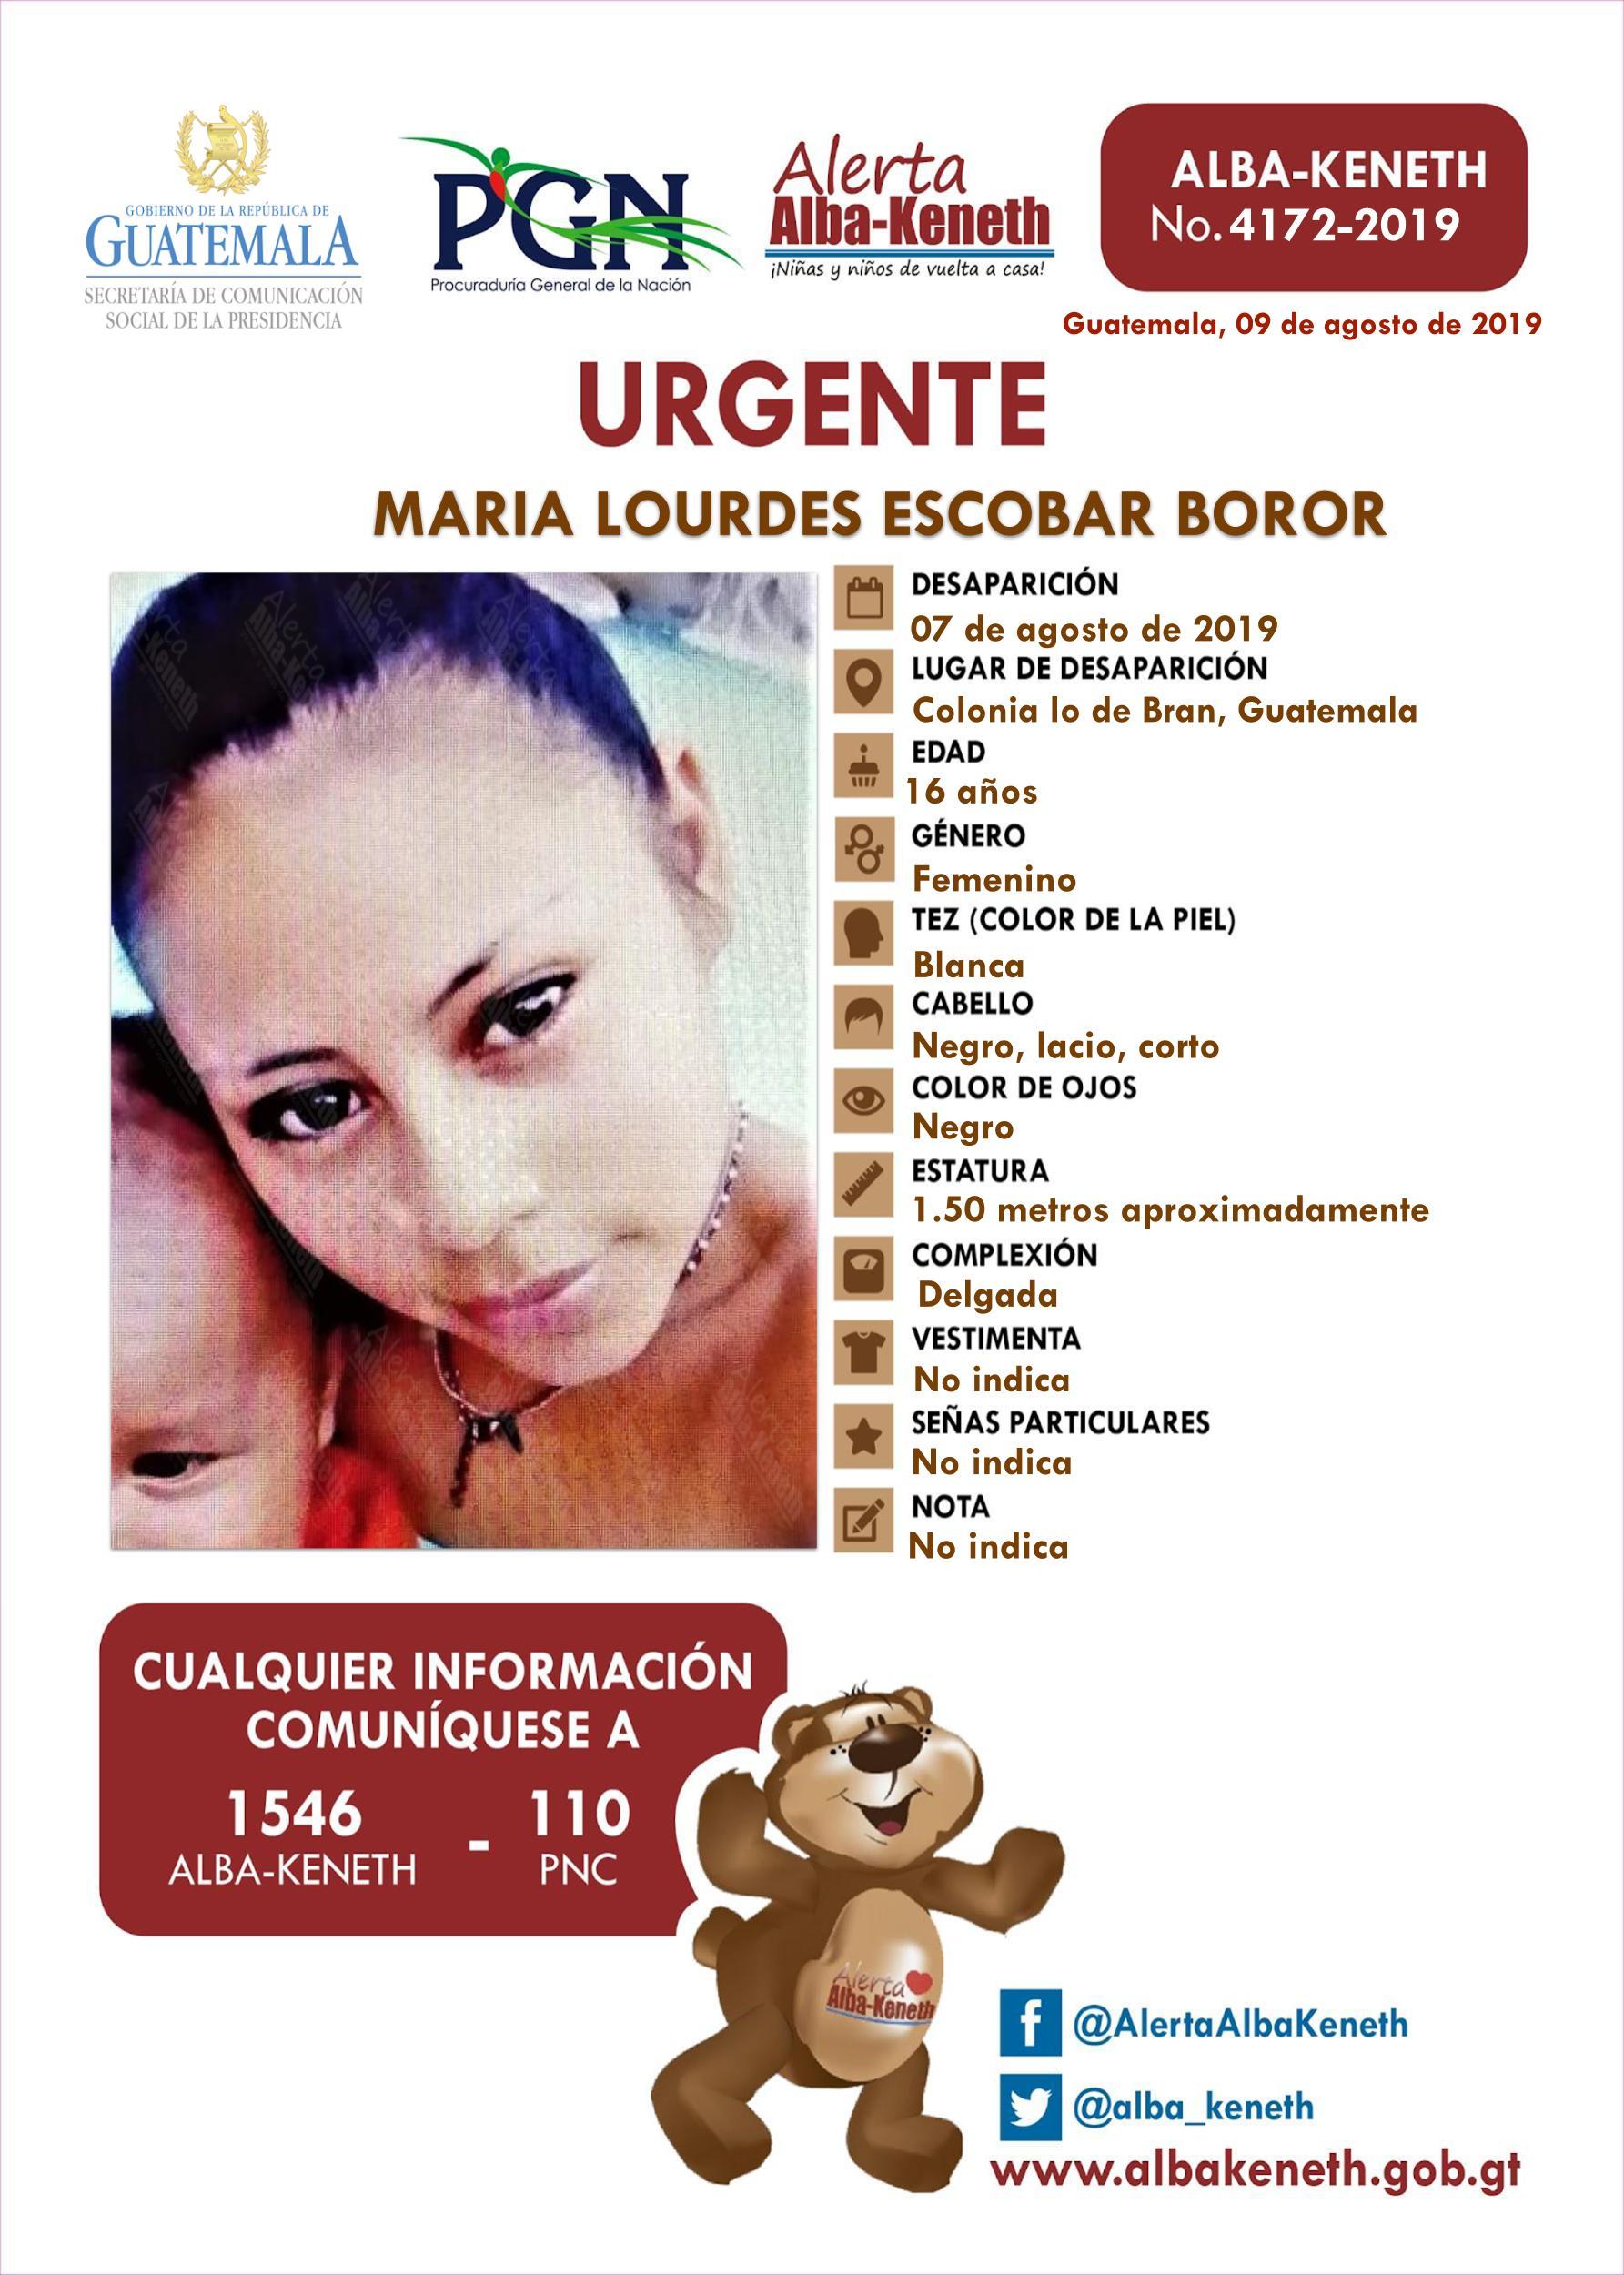 Maria Lourdes Escobar Boror